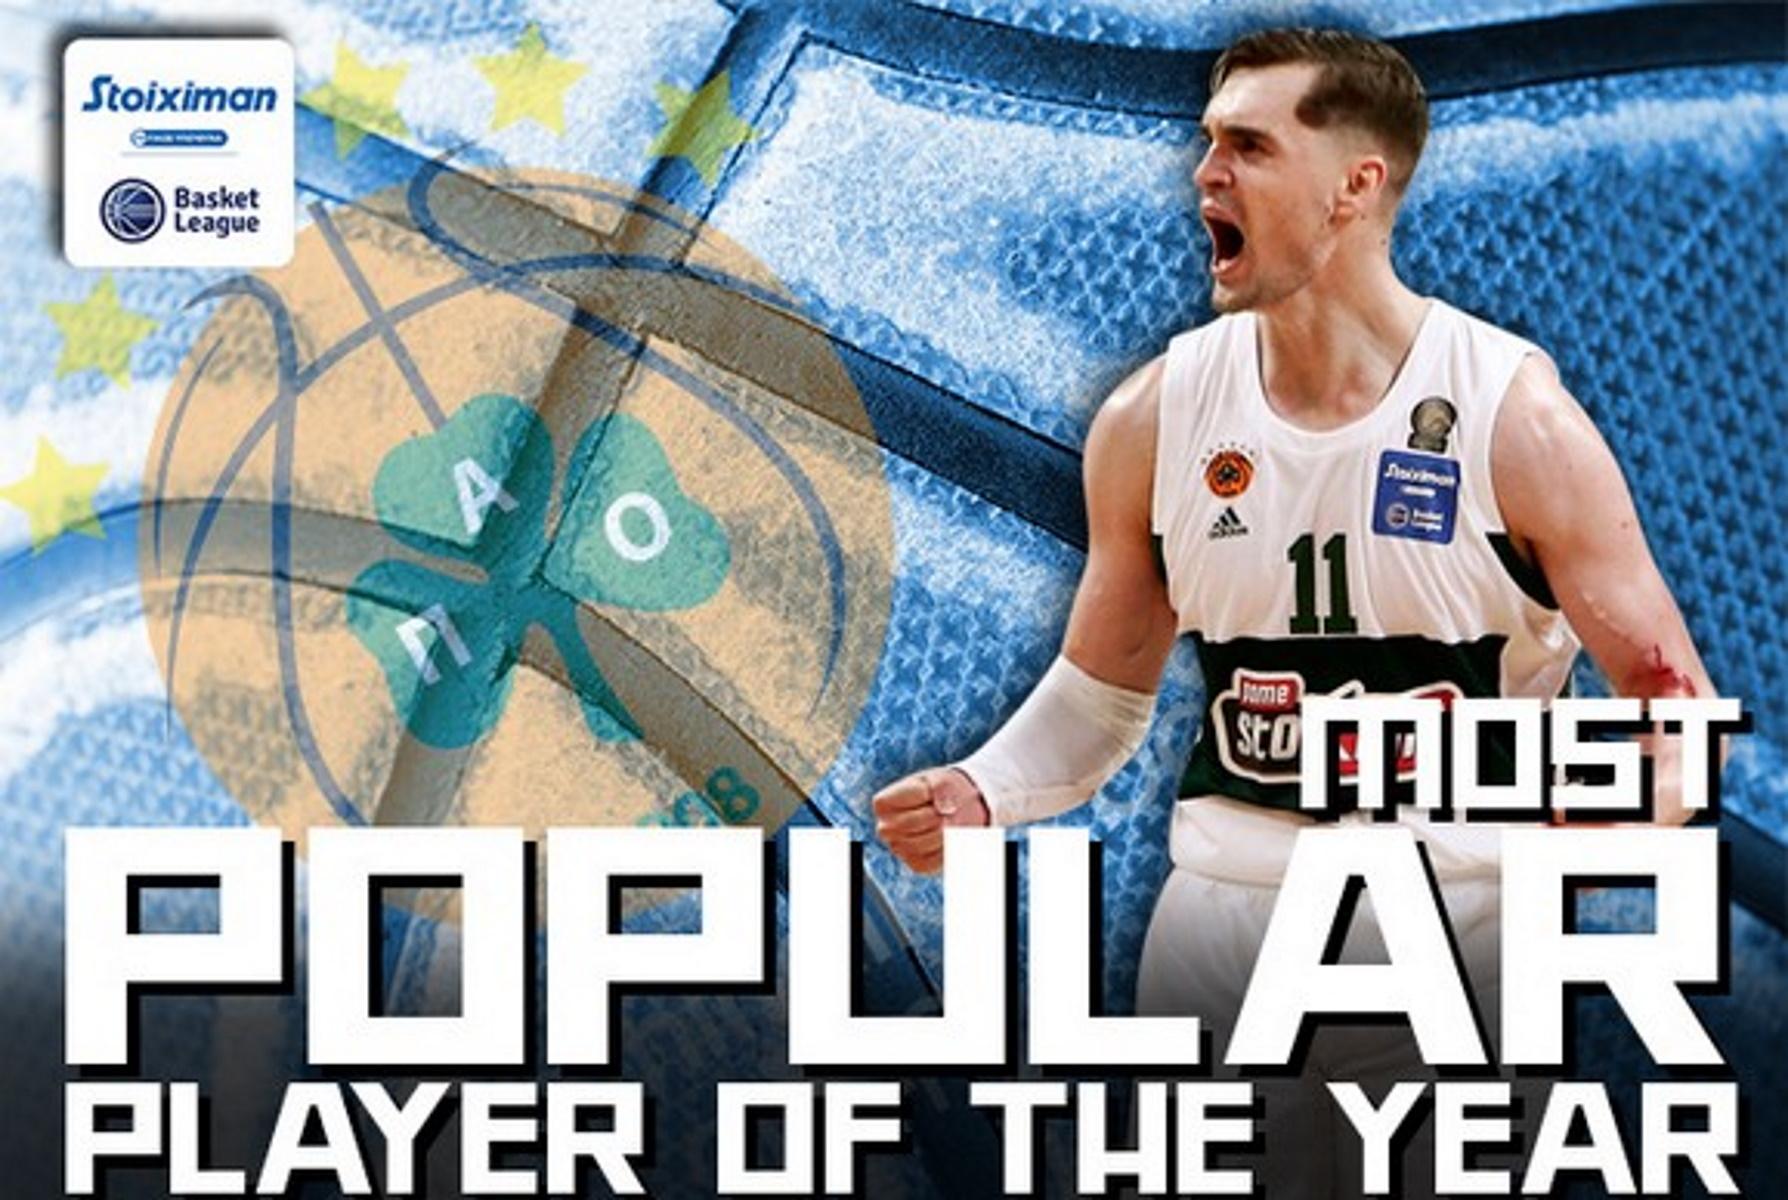 Ο Μάριο Χεζόνια αναδείχθηκε δημοφιλέστερος παίκτης της Basket League